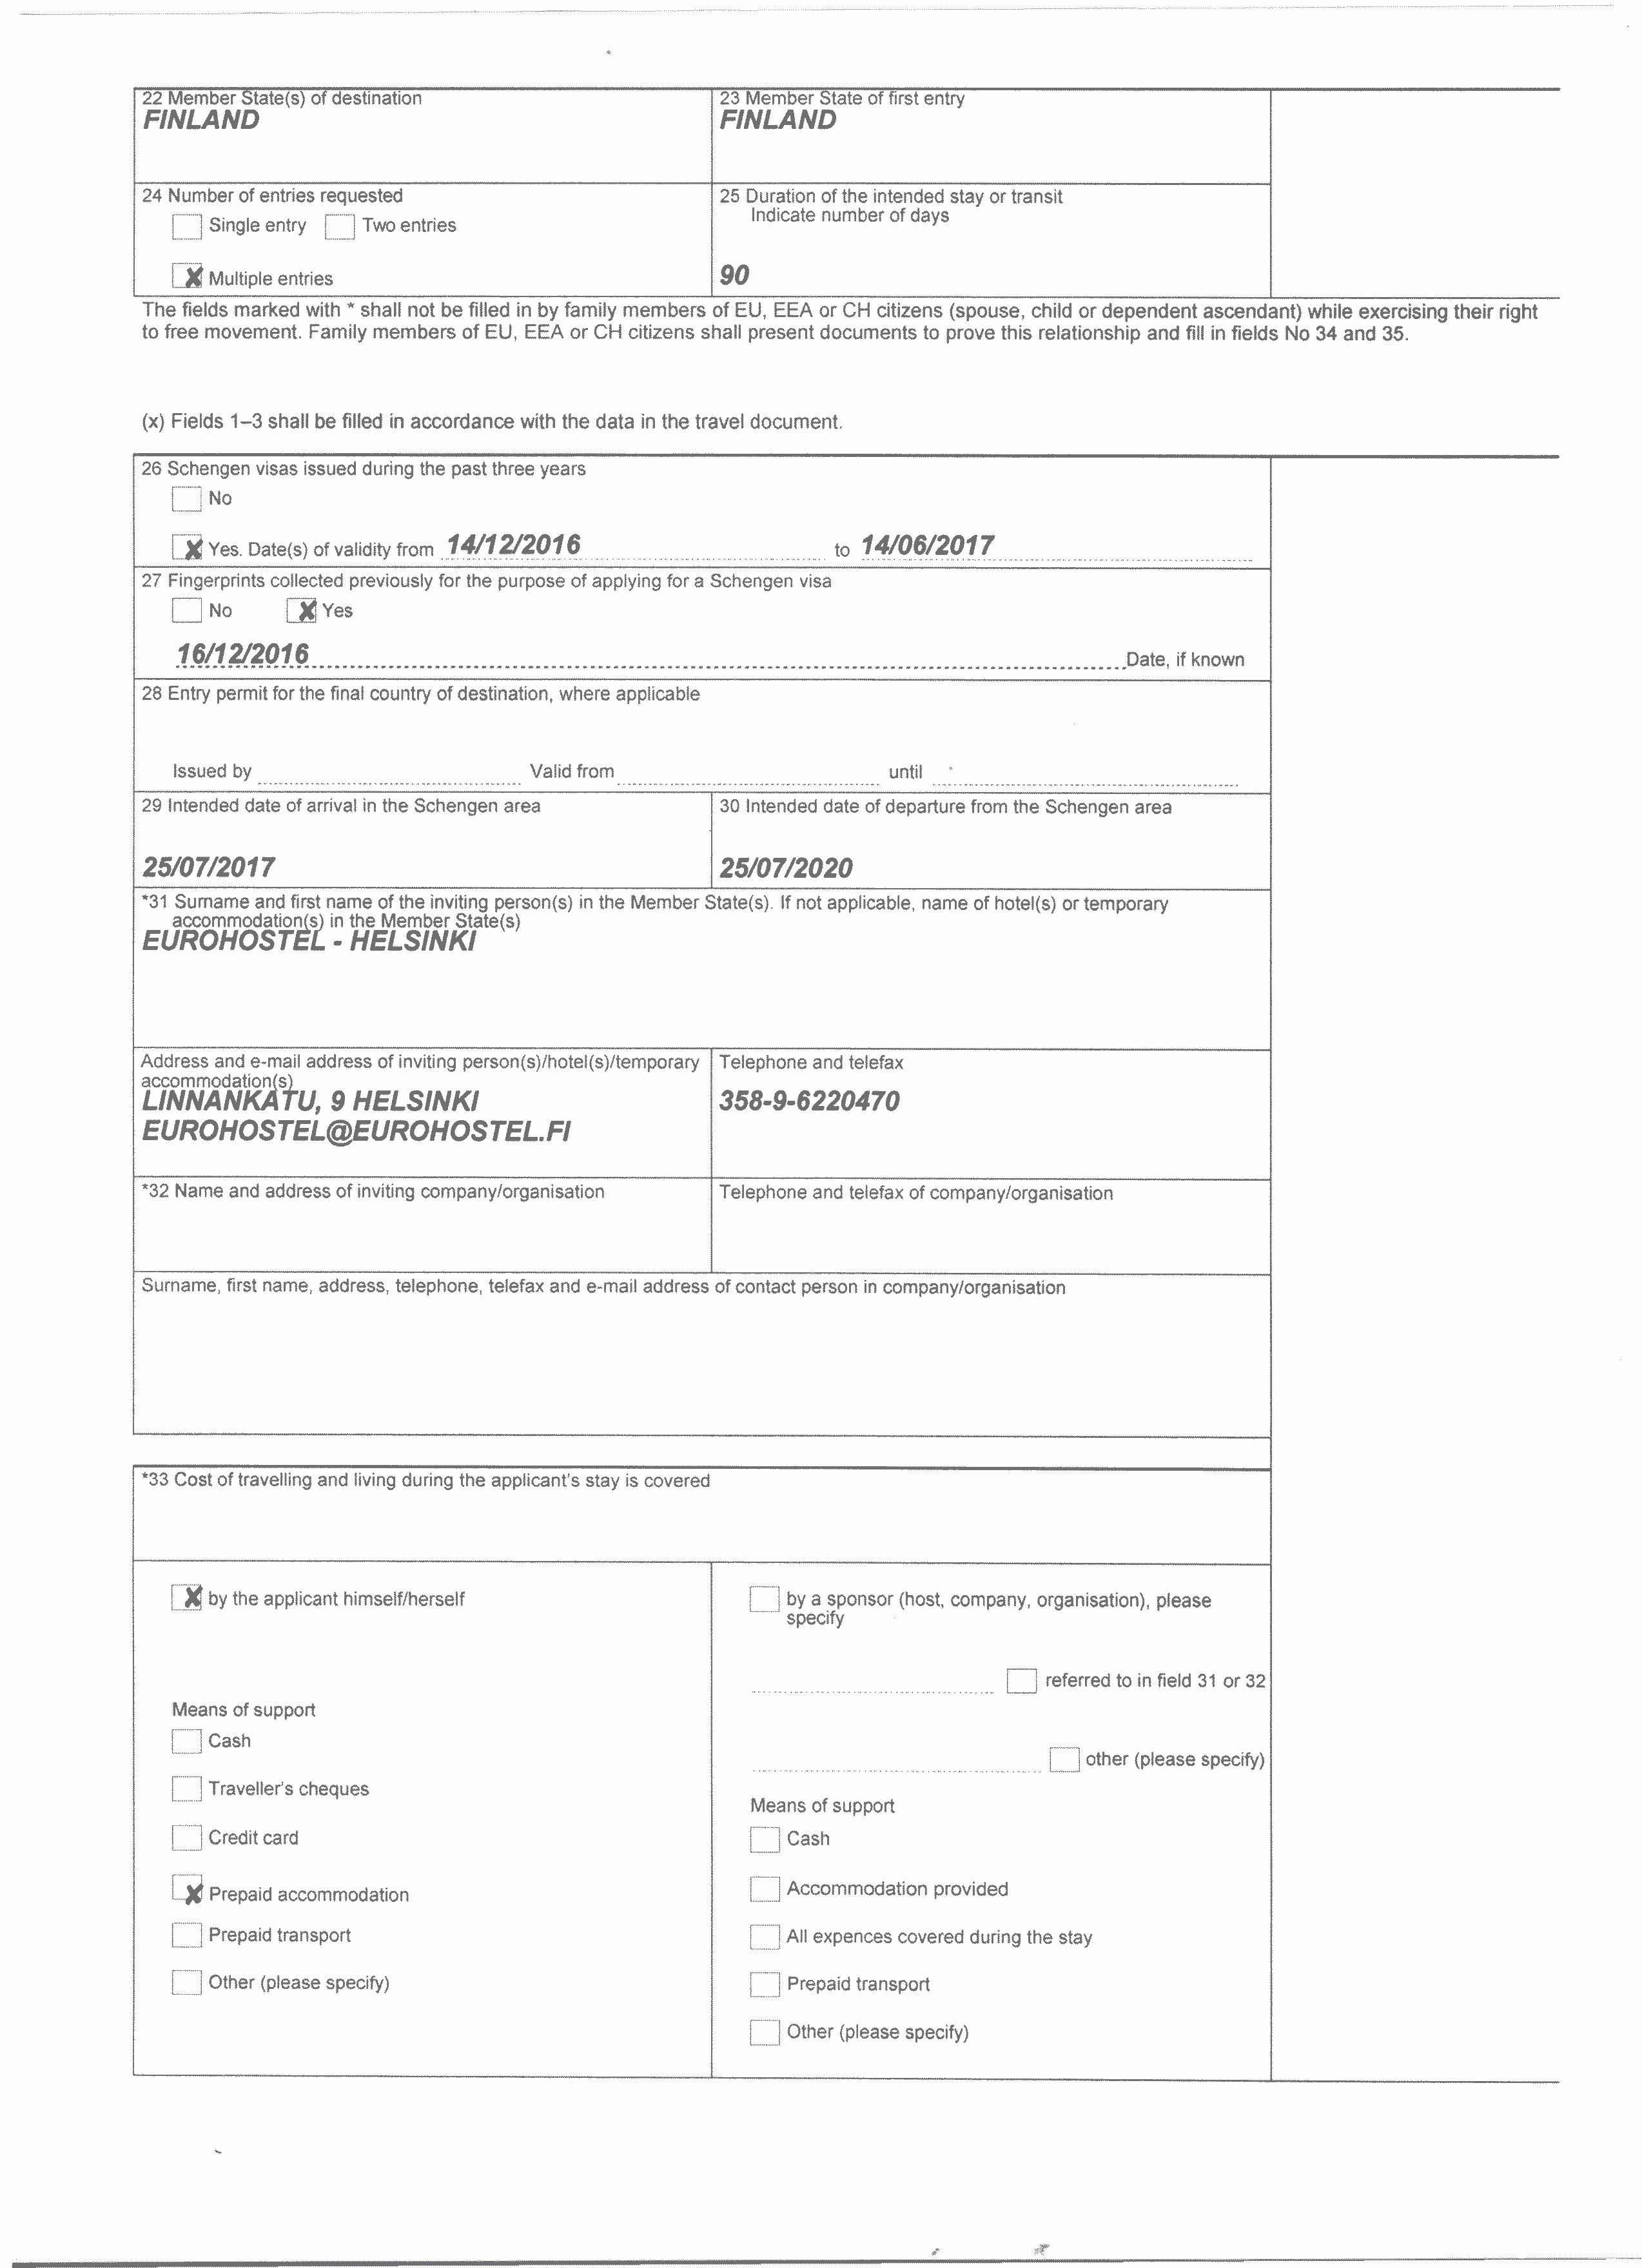 Образец заполнения анкеты на финскую визу. Страница 2